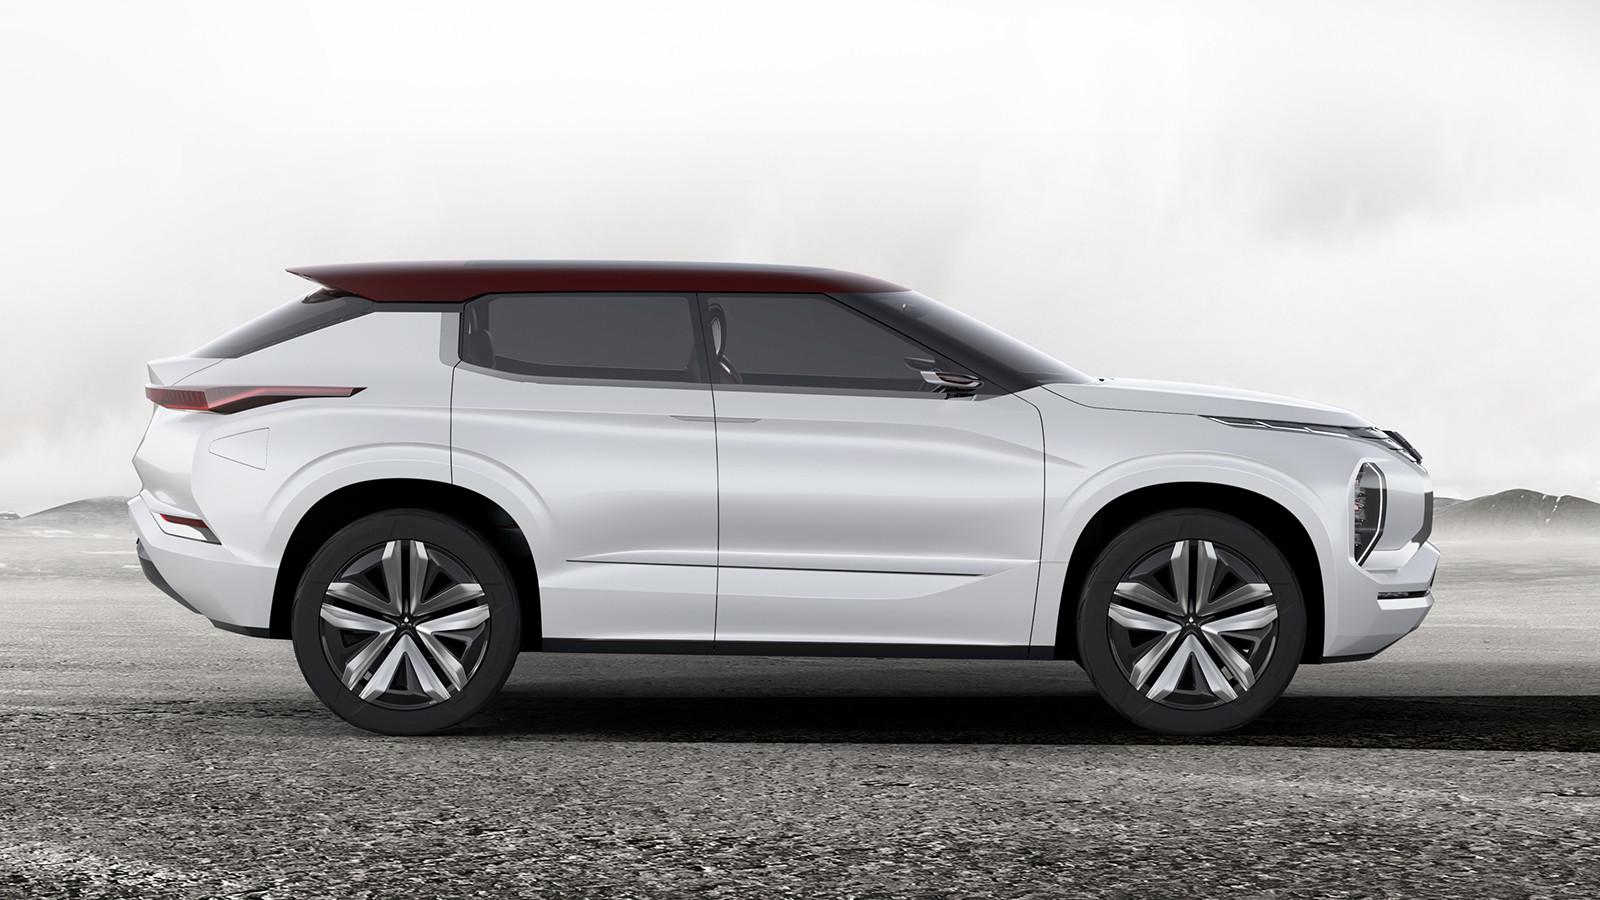 Мицубиси покажет встолице франции новый концептуальный автомобиль